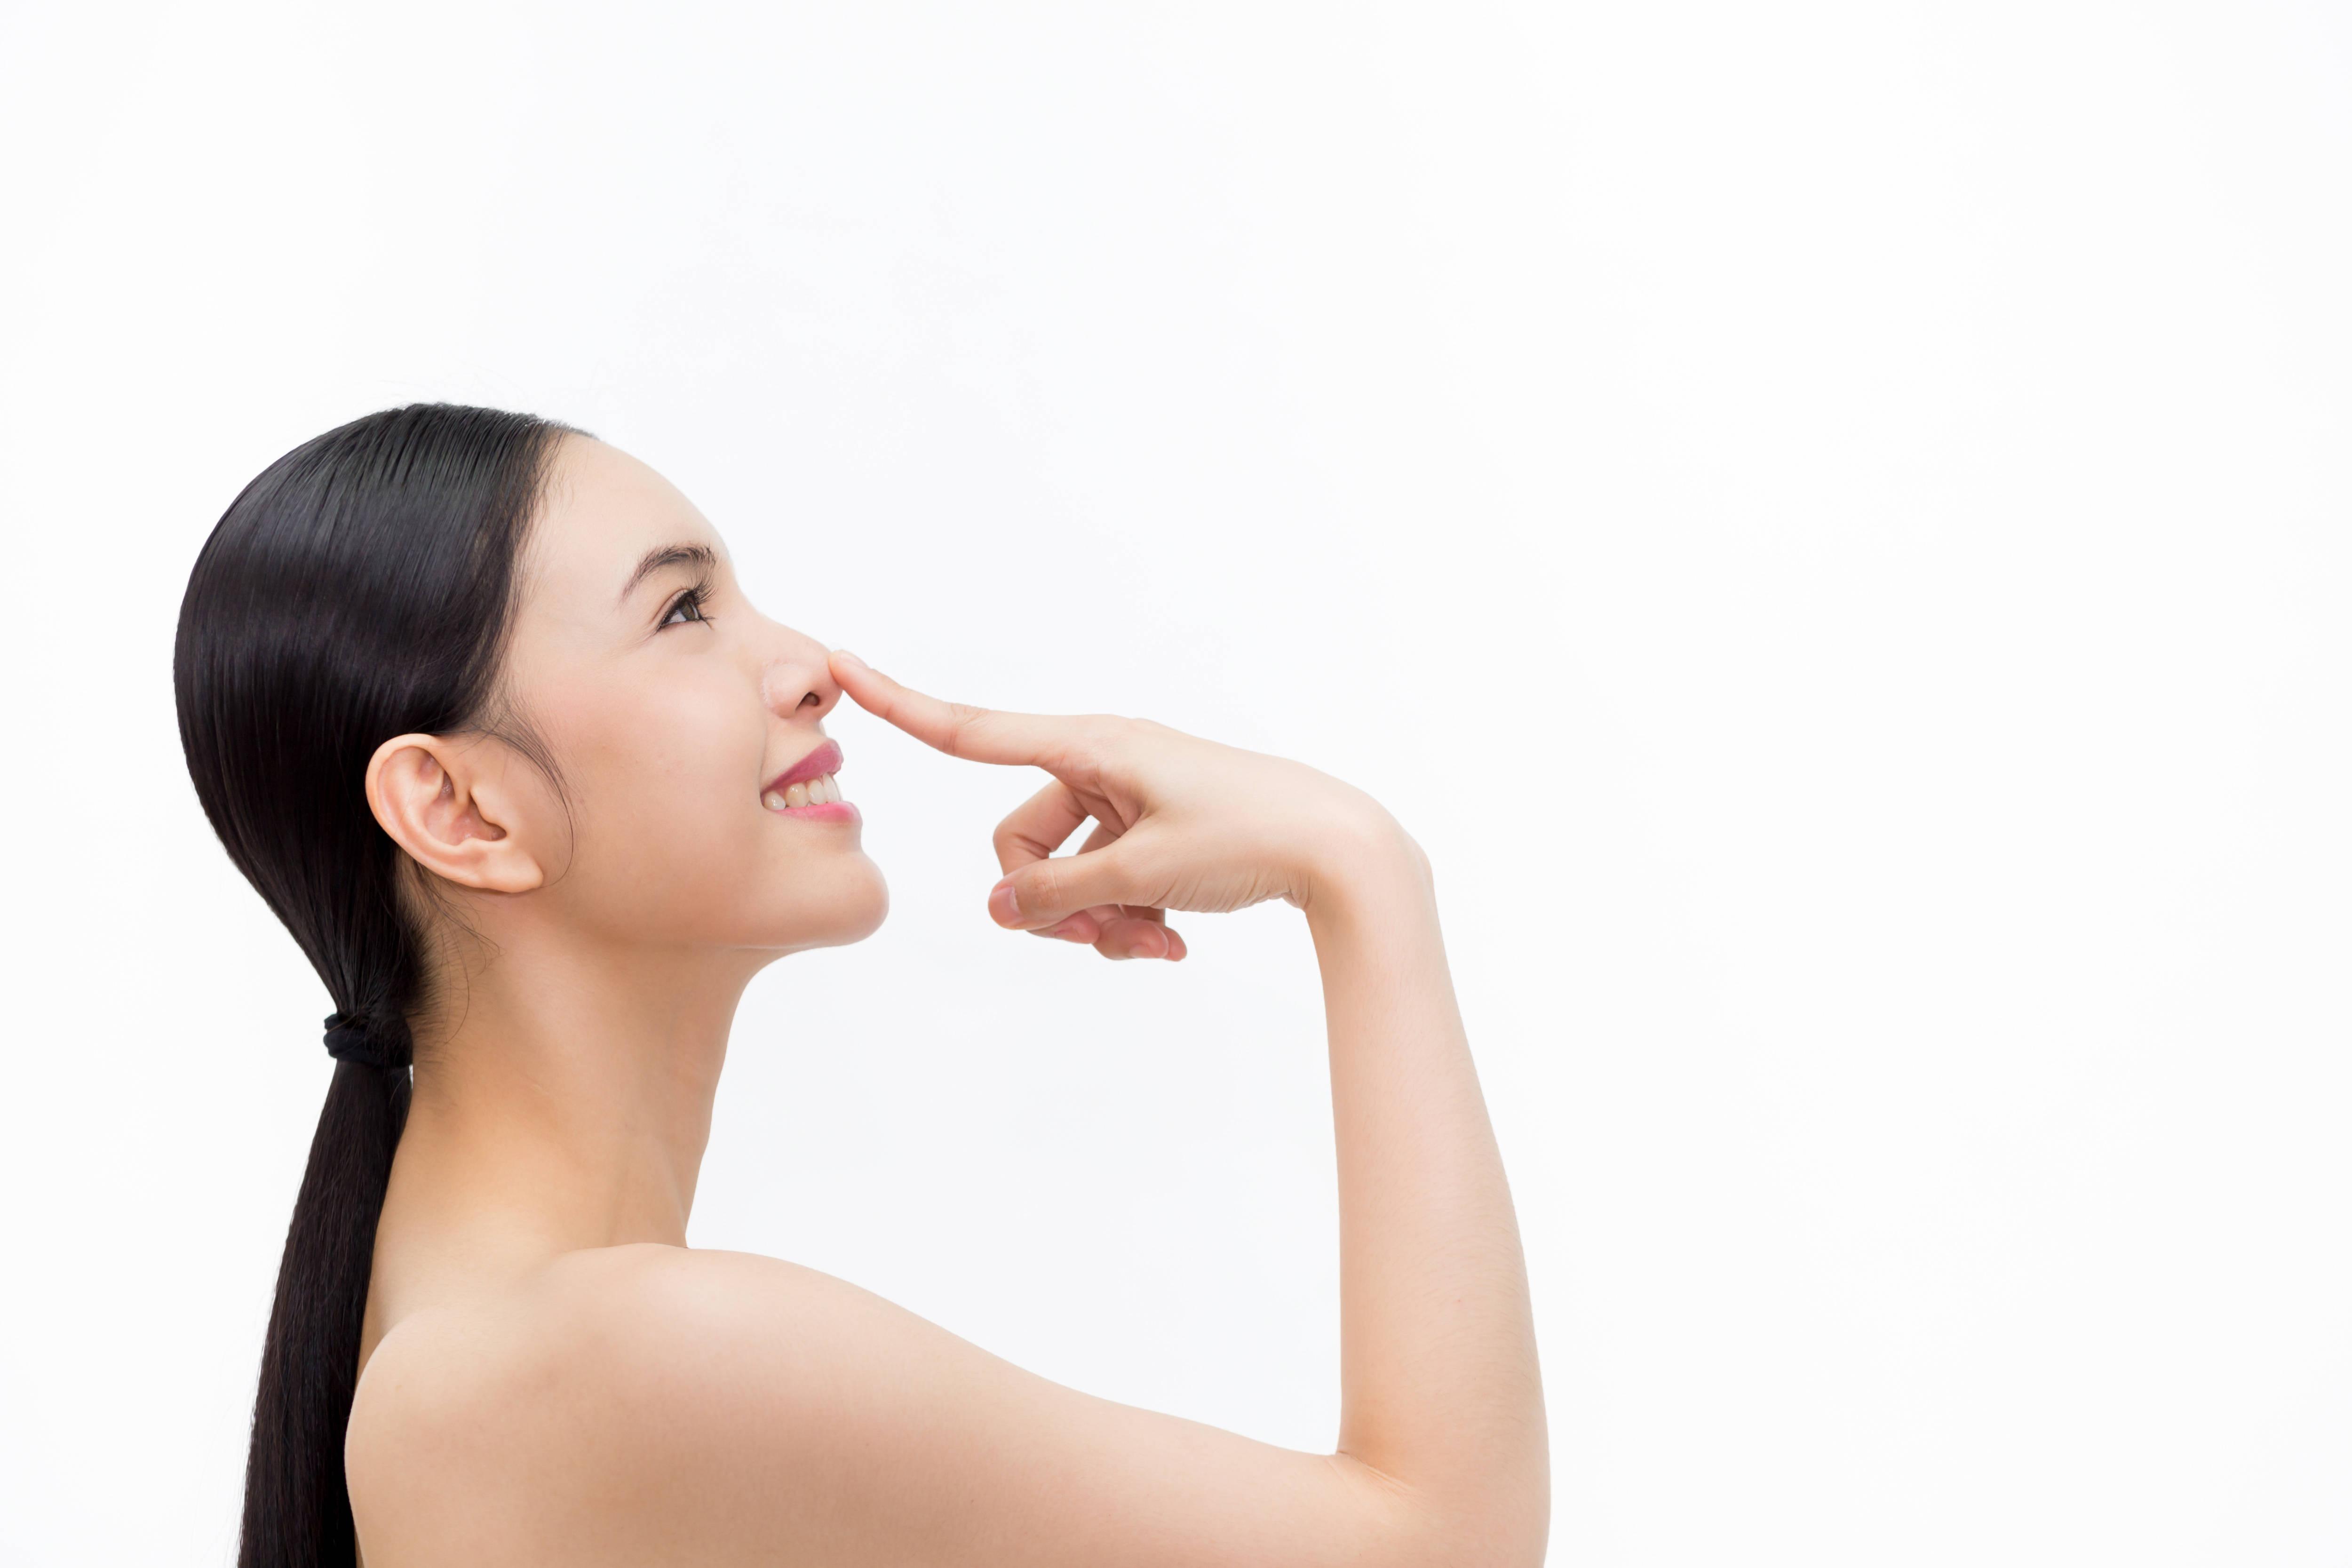 鼻部整形前后,饮食上需要注意哪些问题?